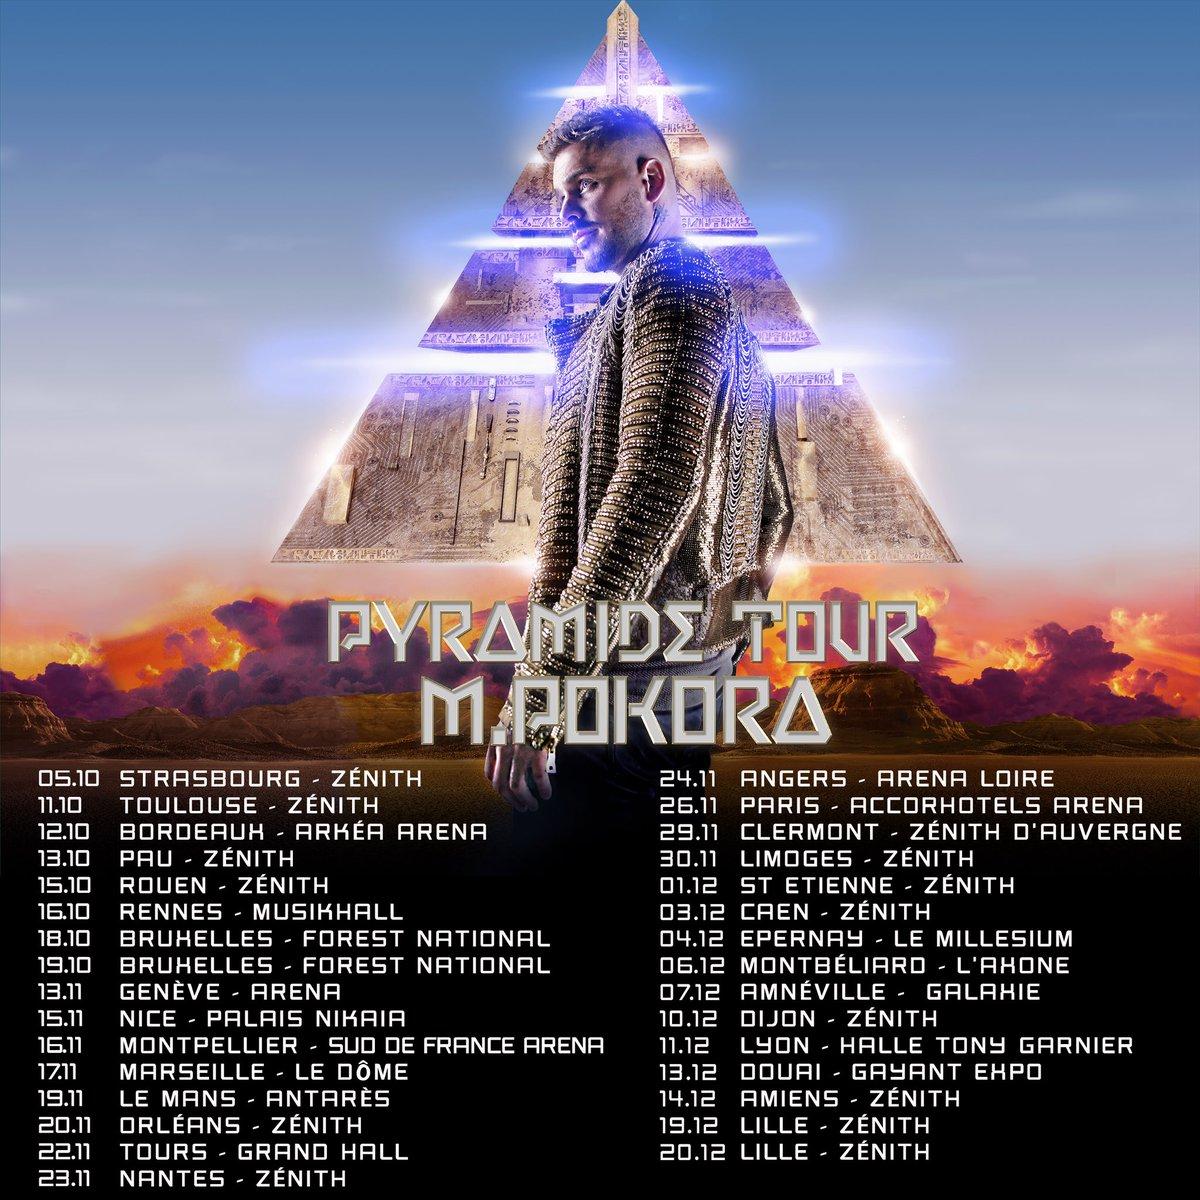 Et voici les premières dates du #PyramideTour 2019 ! RDV le 29 novembre à 10h pour l'ouverture de la billetterie!